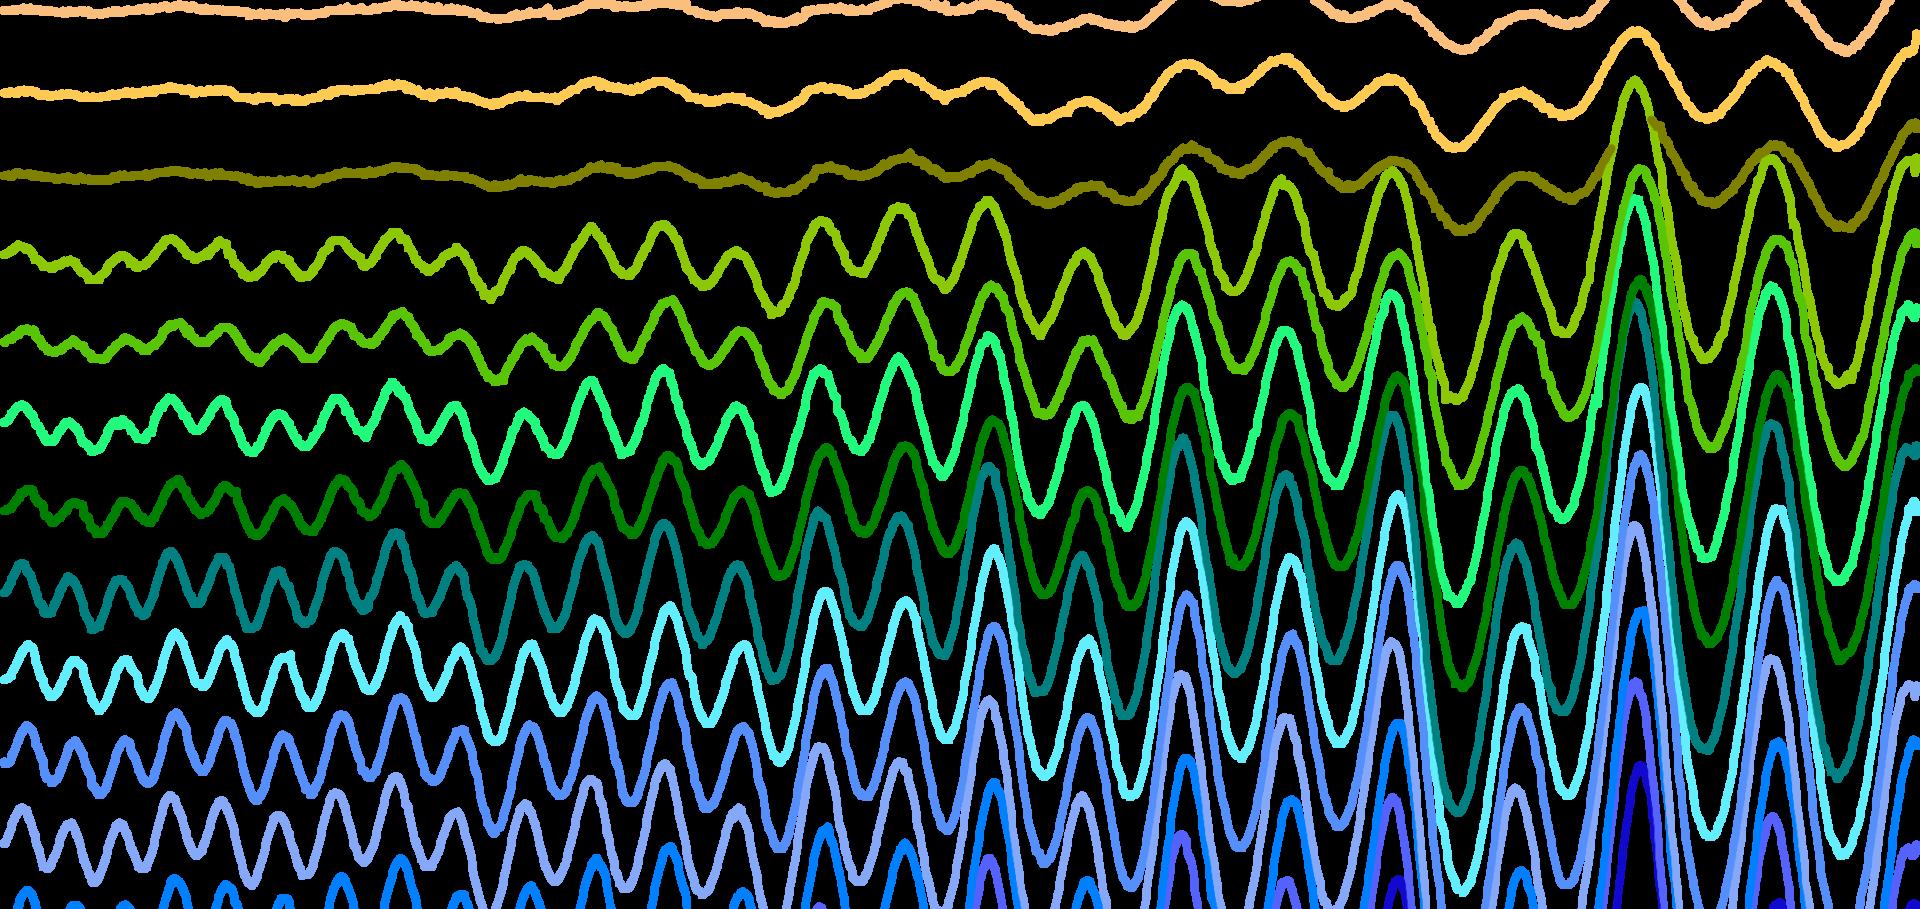 Quantum oscillations.